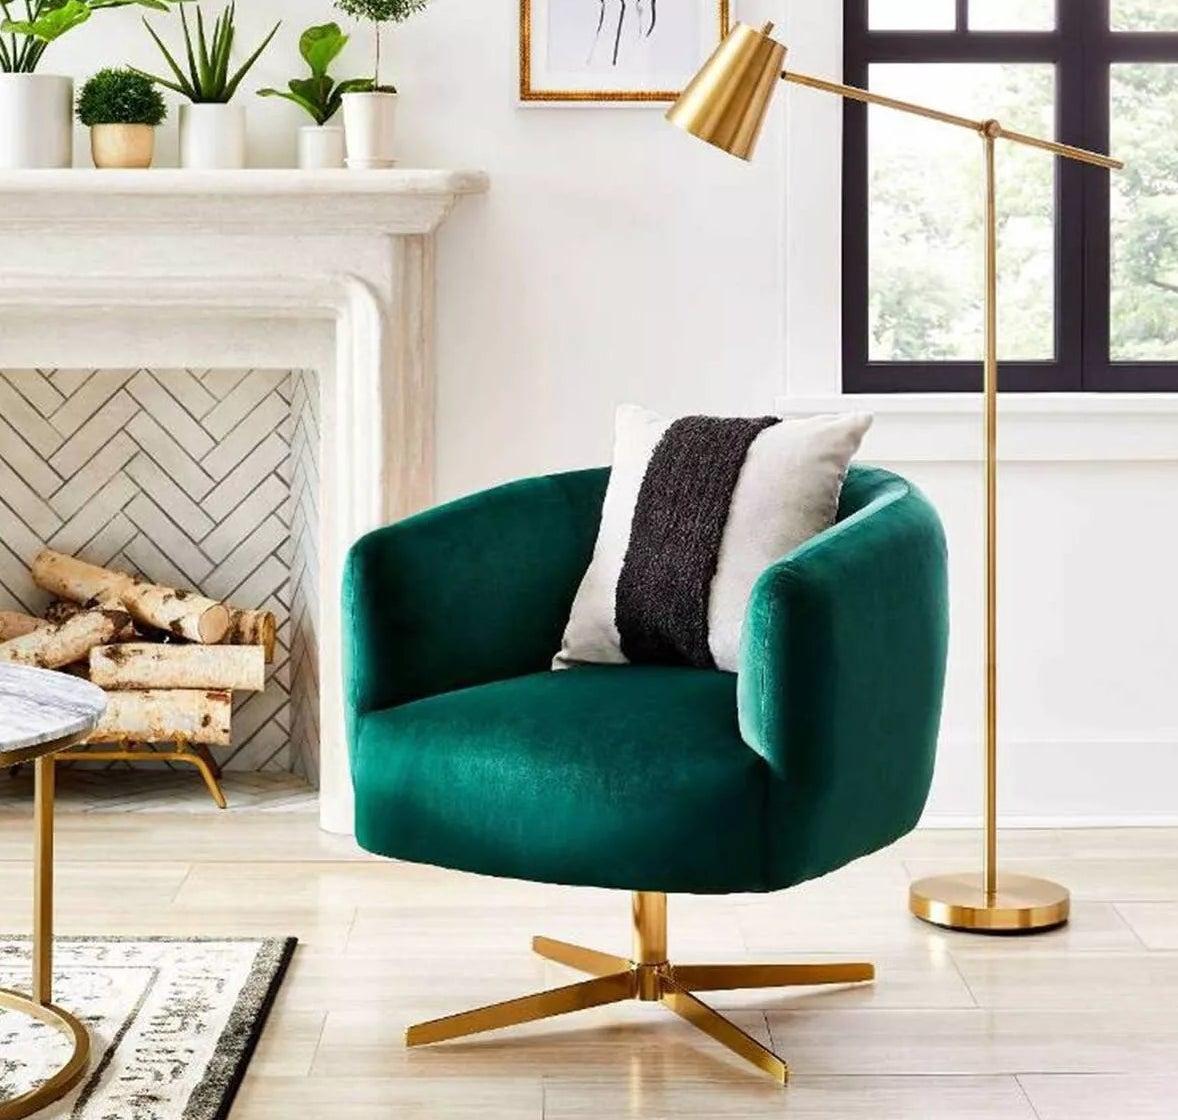 The dark green velvet swivel chair